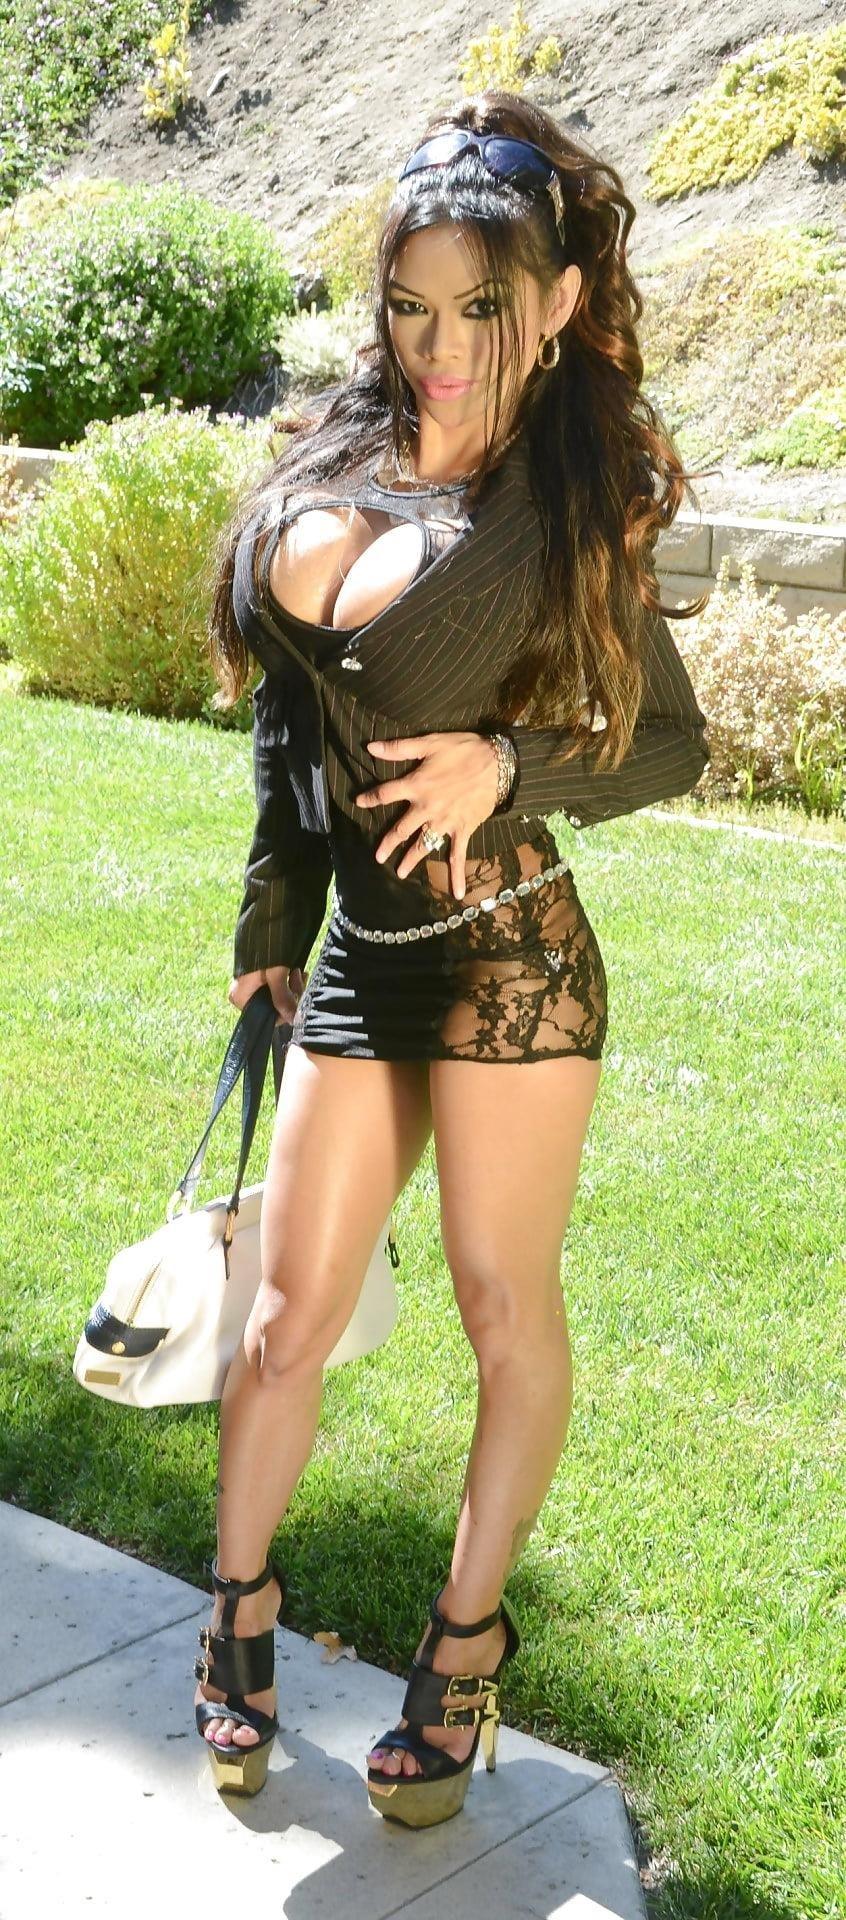 Big boobs high heels pics-9600